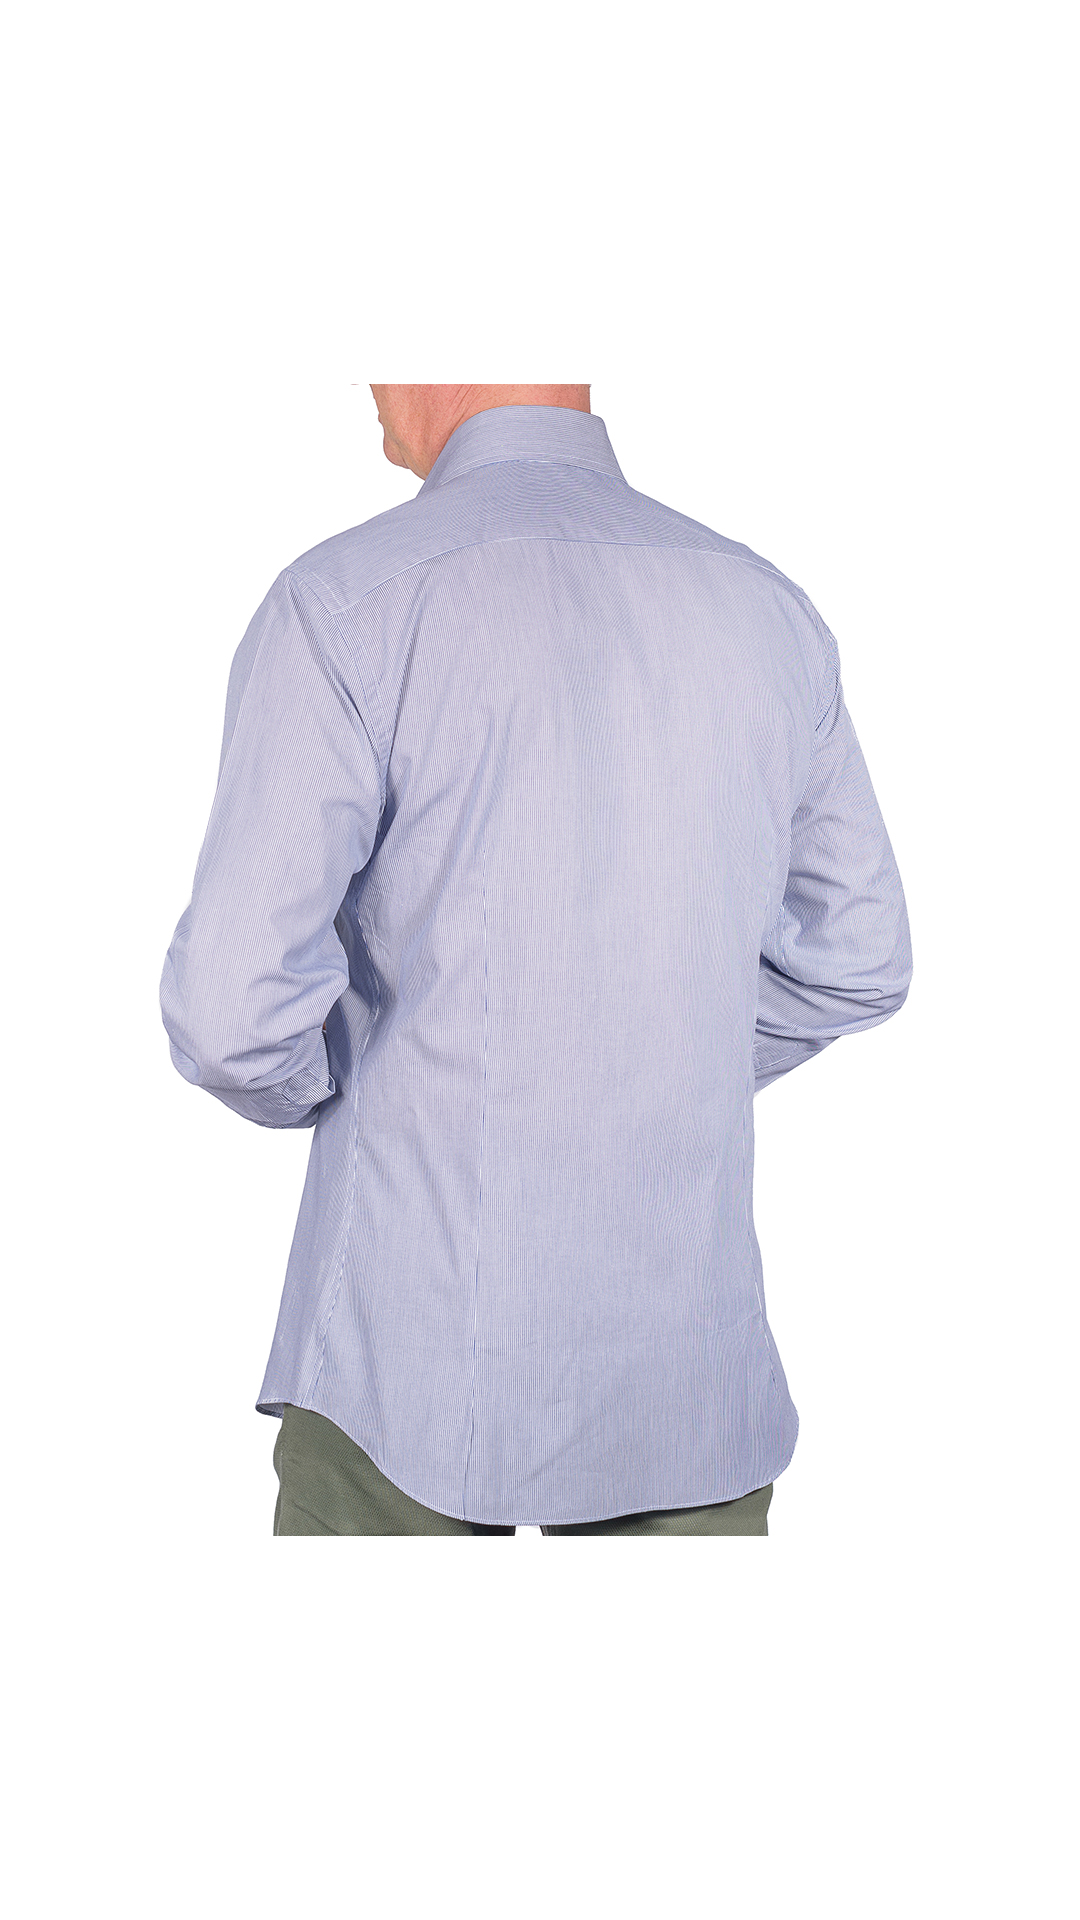 LUXURYJT0076 CAMICIA UOMO DOPPIO RITORTO MANICA LUNGA 2 1stAmerican camicia elegante da uomo in collo classico 100% cotone alta qualità doppio ritorto manica lunga – camicia sartoriale regular fit